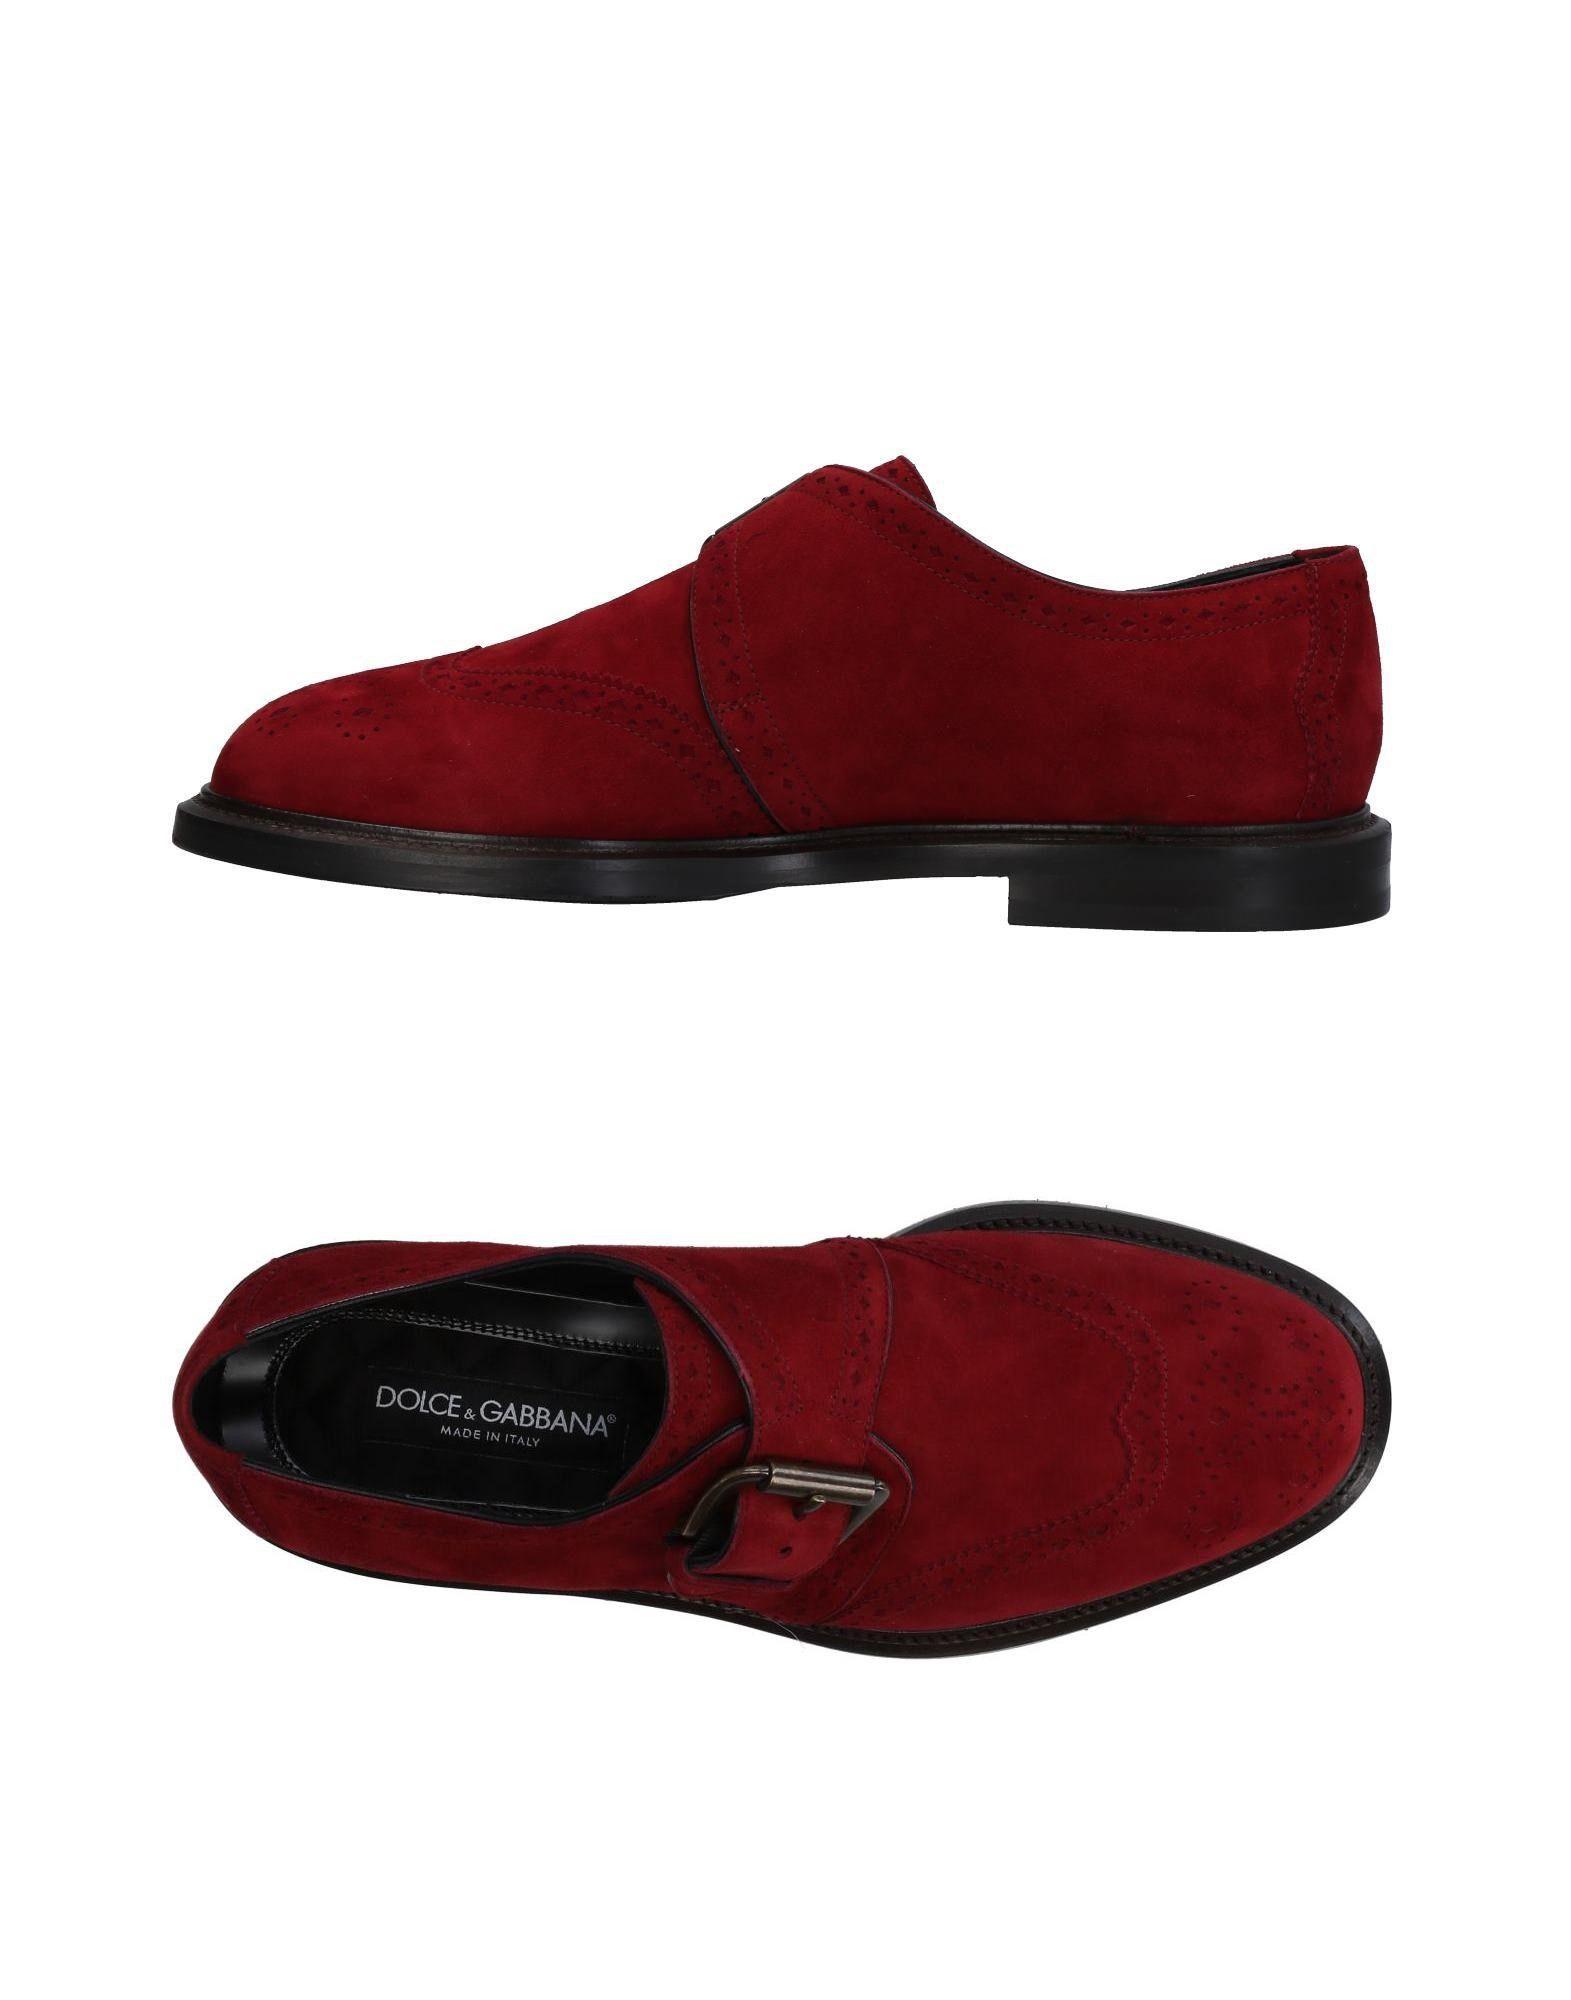 Los zapatos más populares mujeres para hombres y mujeres populares  Mocasín Dolce & Gabbana Hombre - Mocasines Dolce & Gabbana dc4d2d